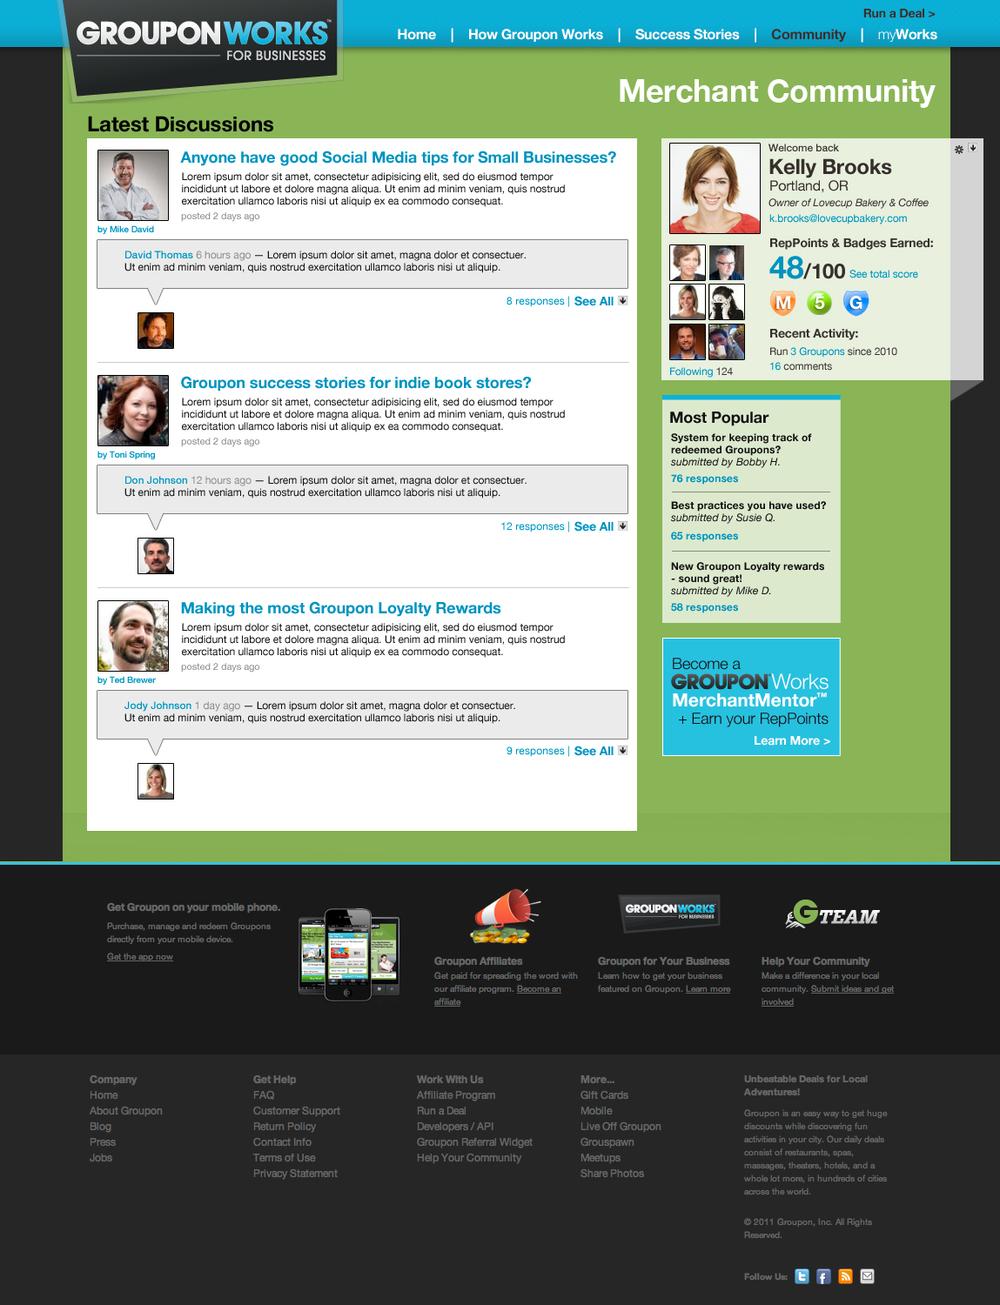 03GrouponWorks_Community_v4.1.jpg